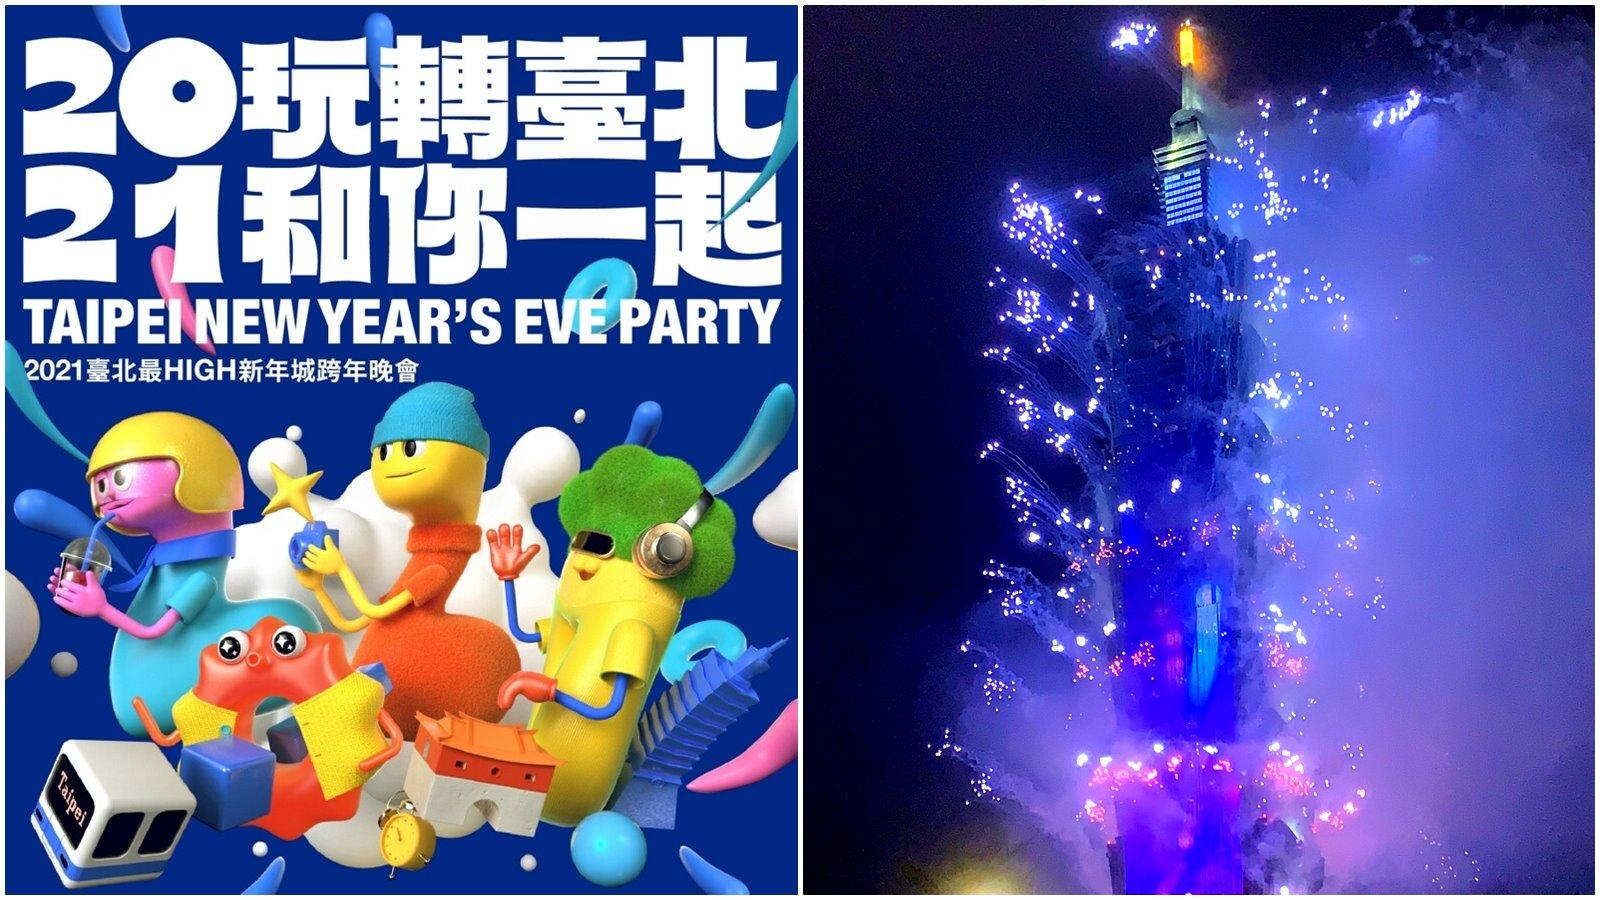 【2021跨年全台演唱會資訊】田馥甄、楊丞琳、五月天陪你跨年!全台跨年演唱會藝人名單!2021跨年煙火!